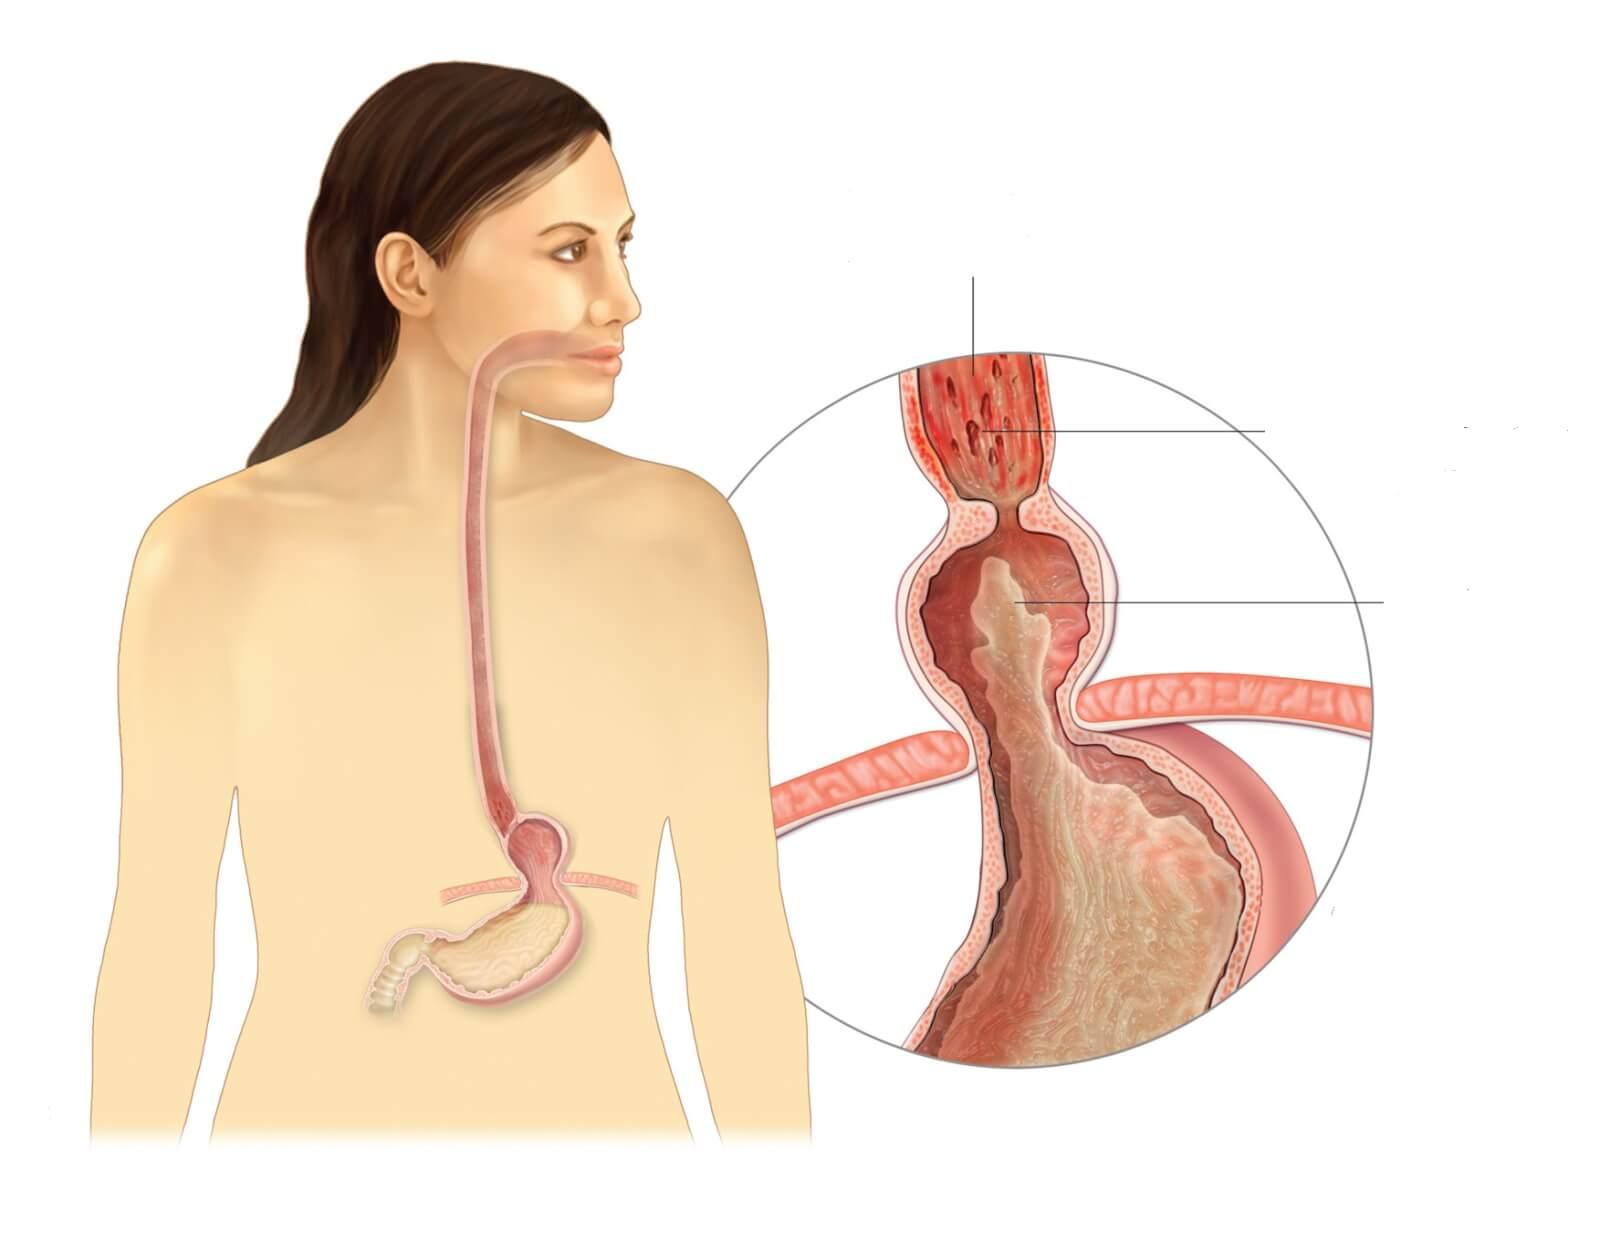 Грыжа желудка: лечение, симптомы и возможные осложнения